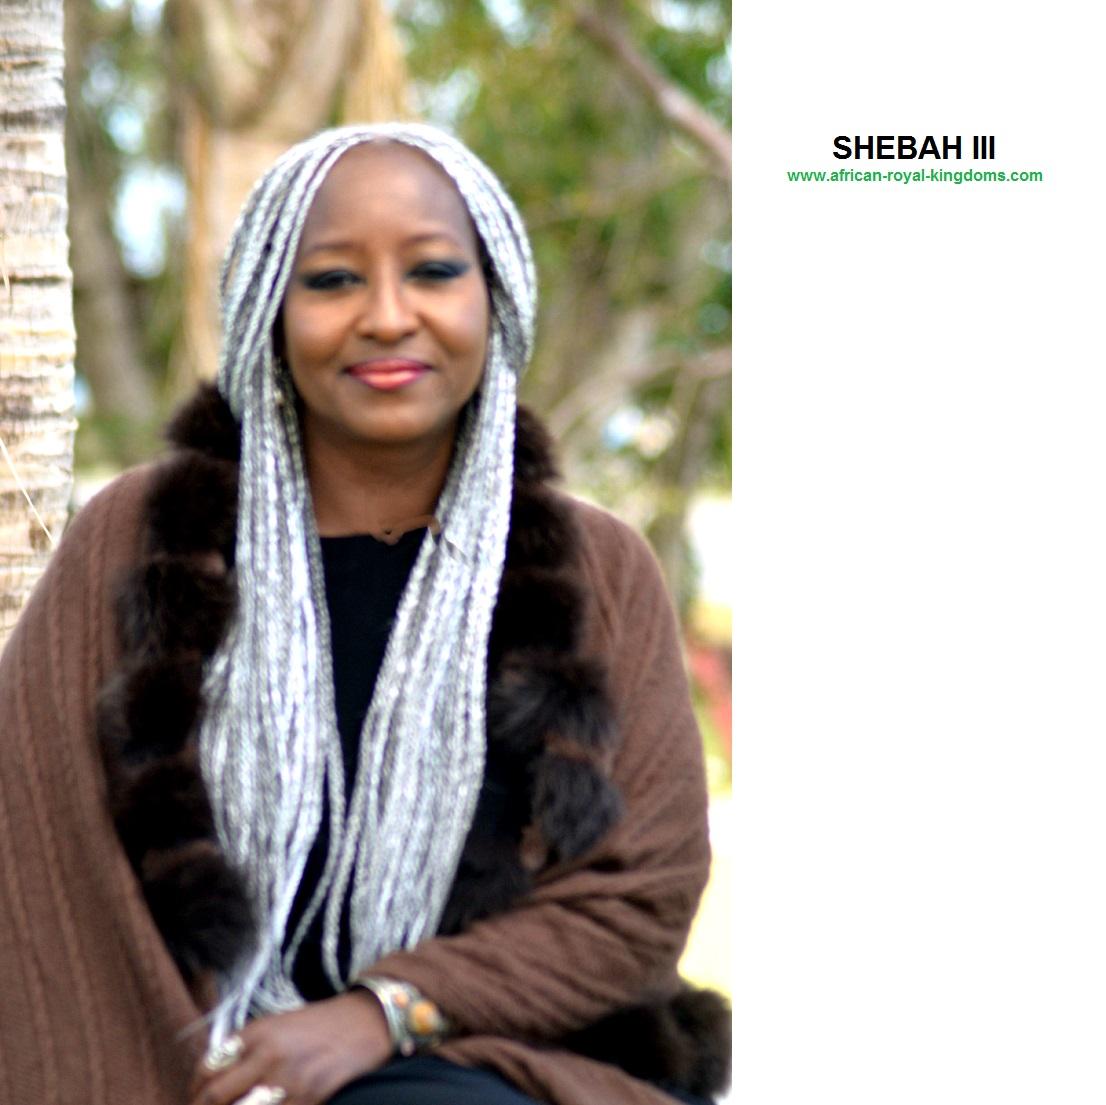 3-HM Empress Shebah Debra Amelia SAI Kasambu Ra III - Queen Shebah III